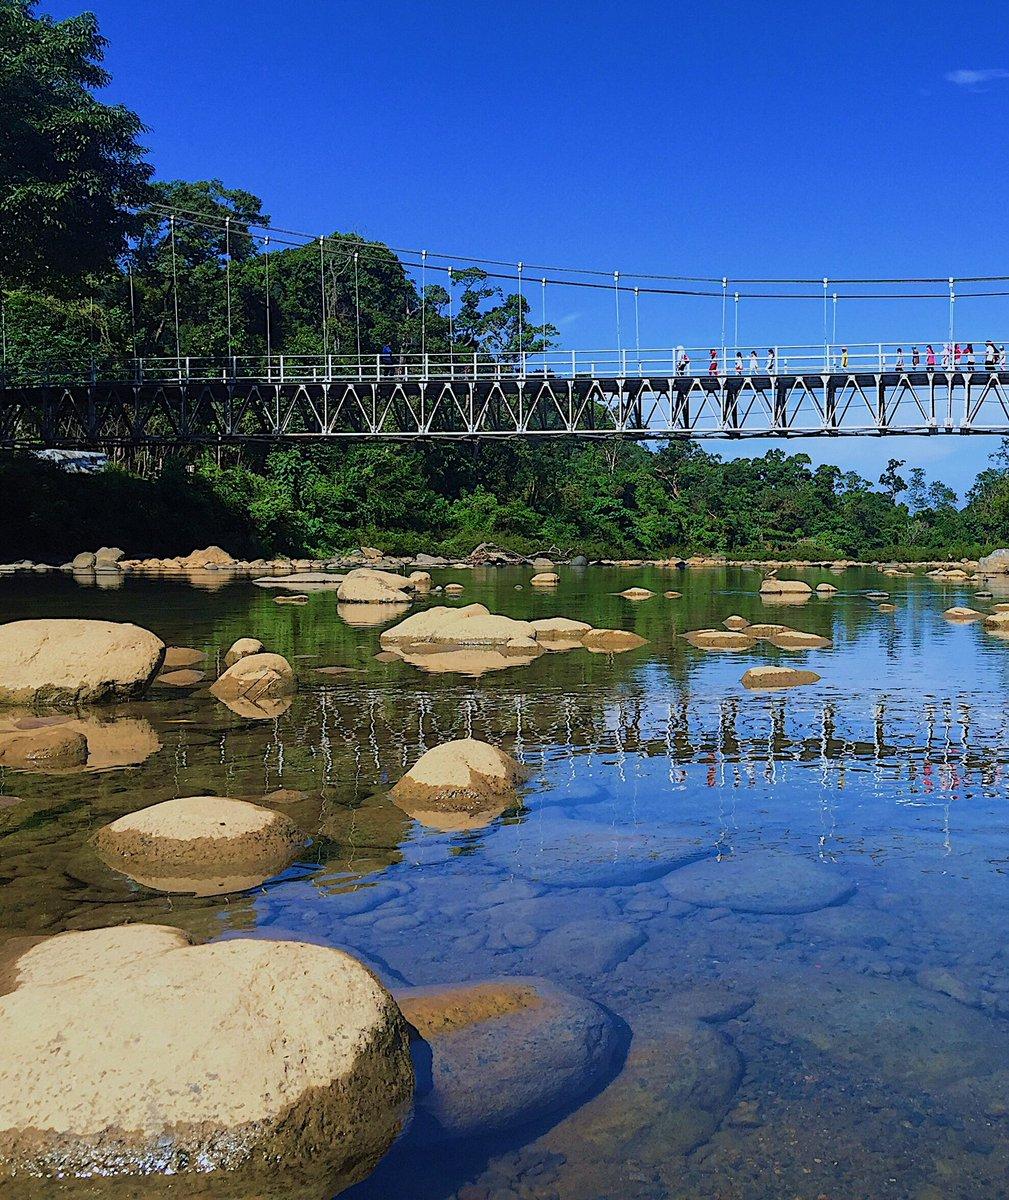 Wisata Brayeun Aceh Paling Baru Gerai News